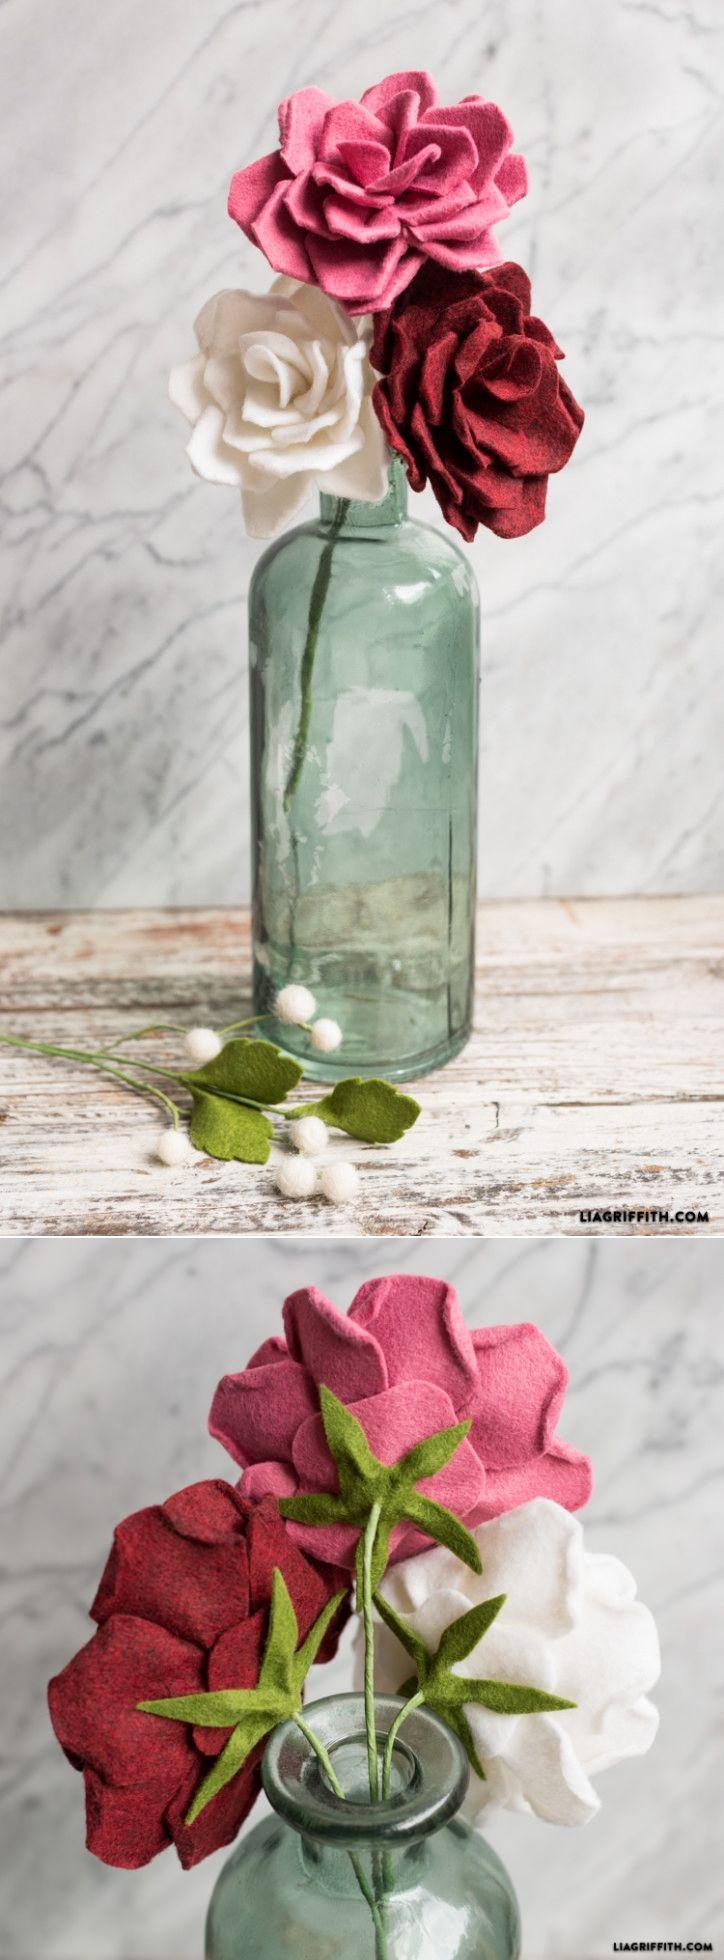 #feltflower #feltrose #feltcraft www.LiaGriffith.com: